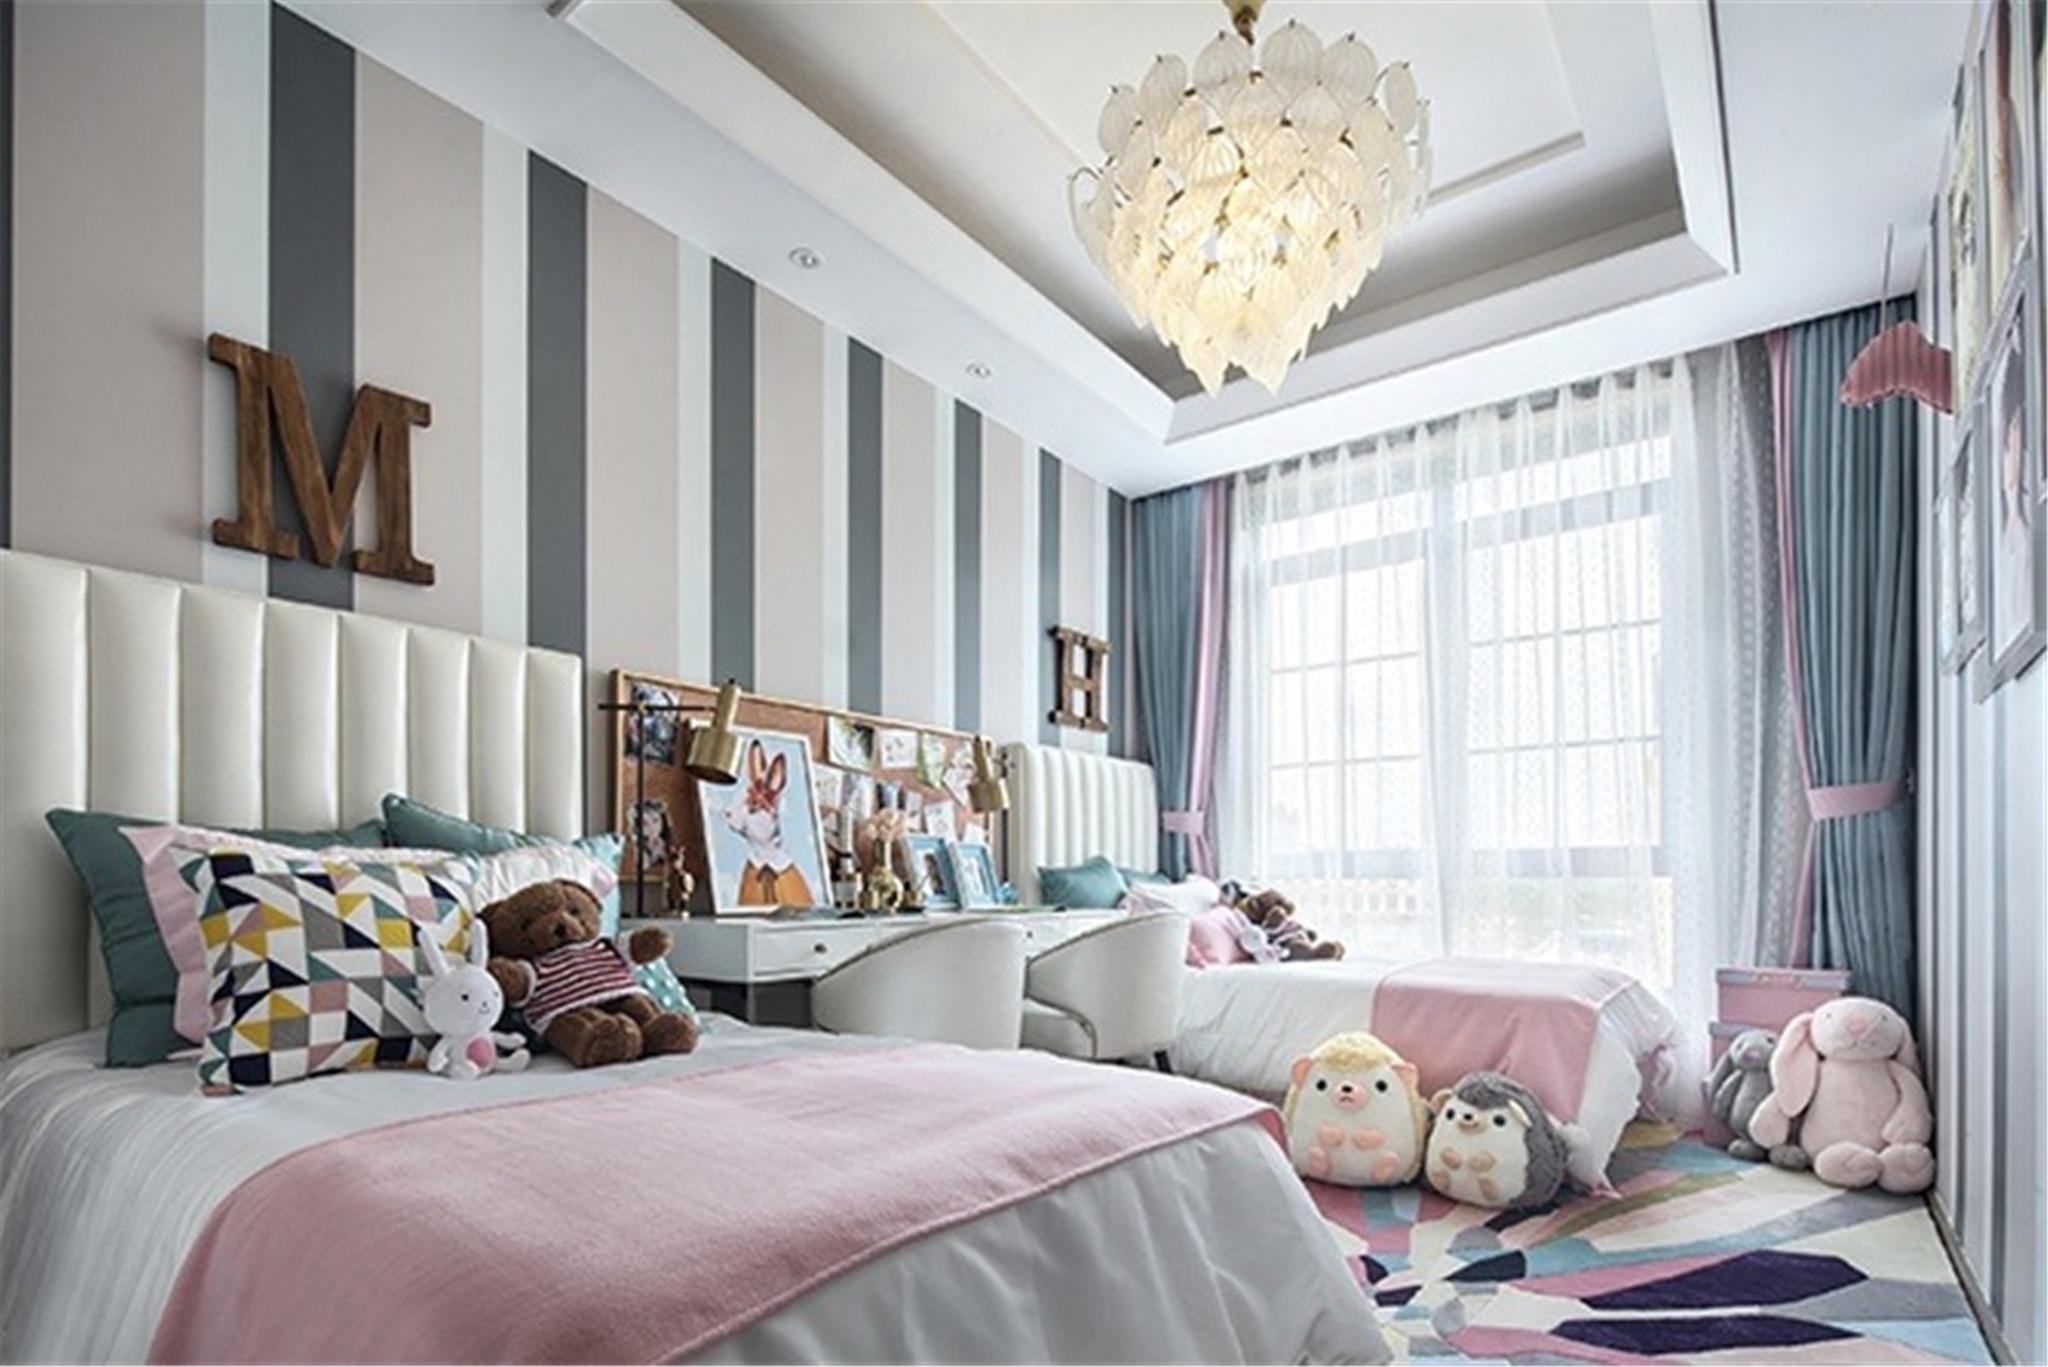 4.儿童房儿童房依然延续会客厅的色系,风格却变得童趣。